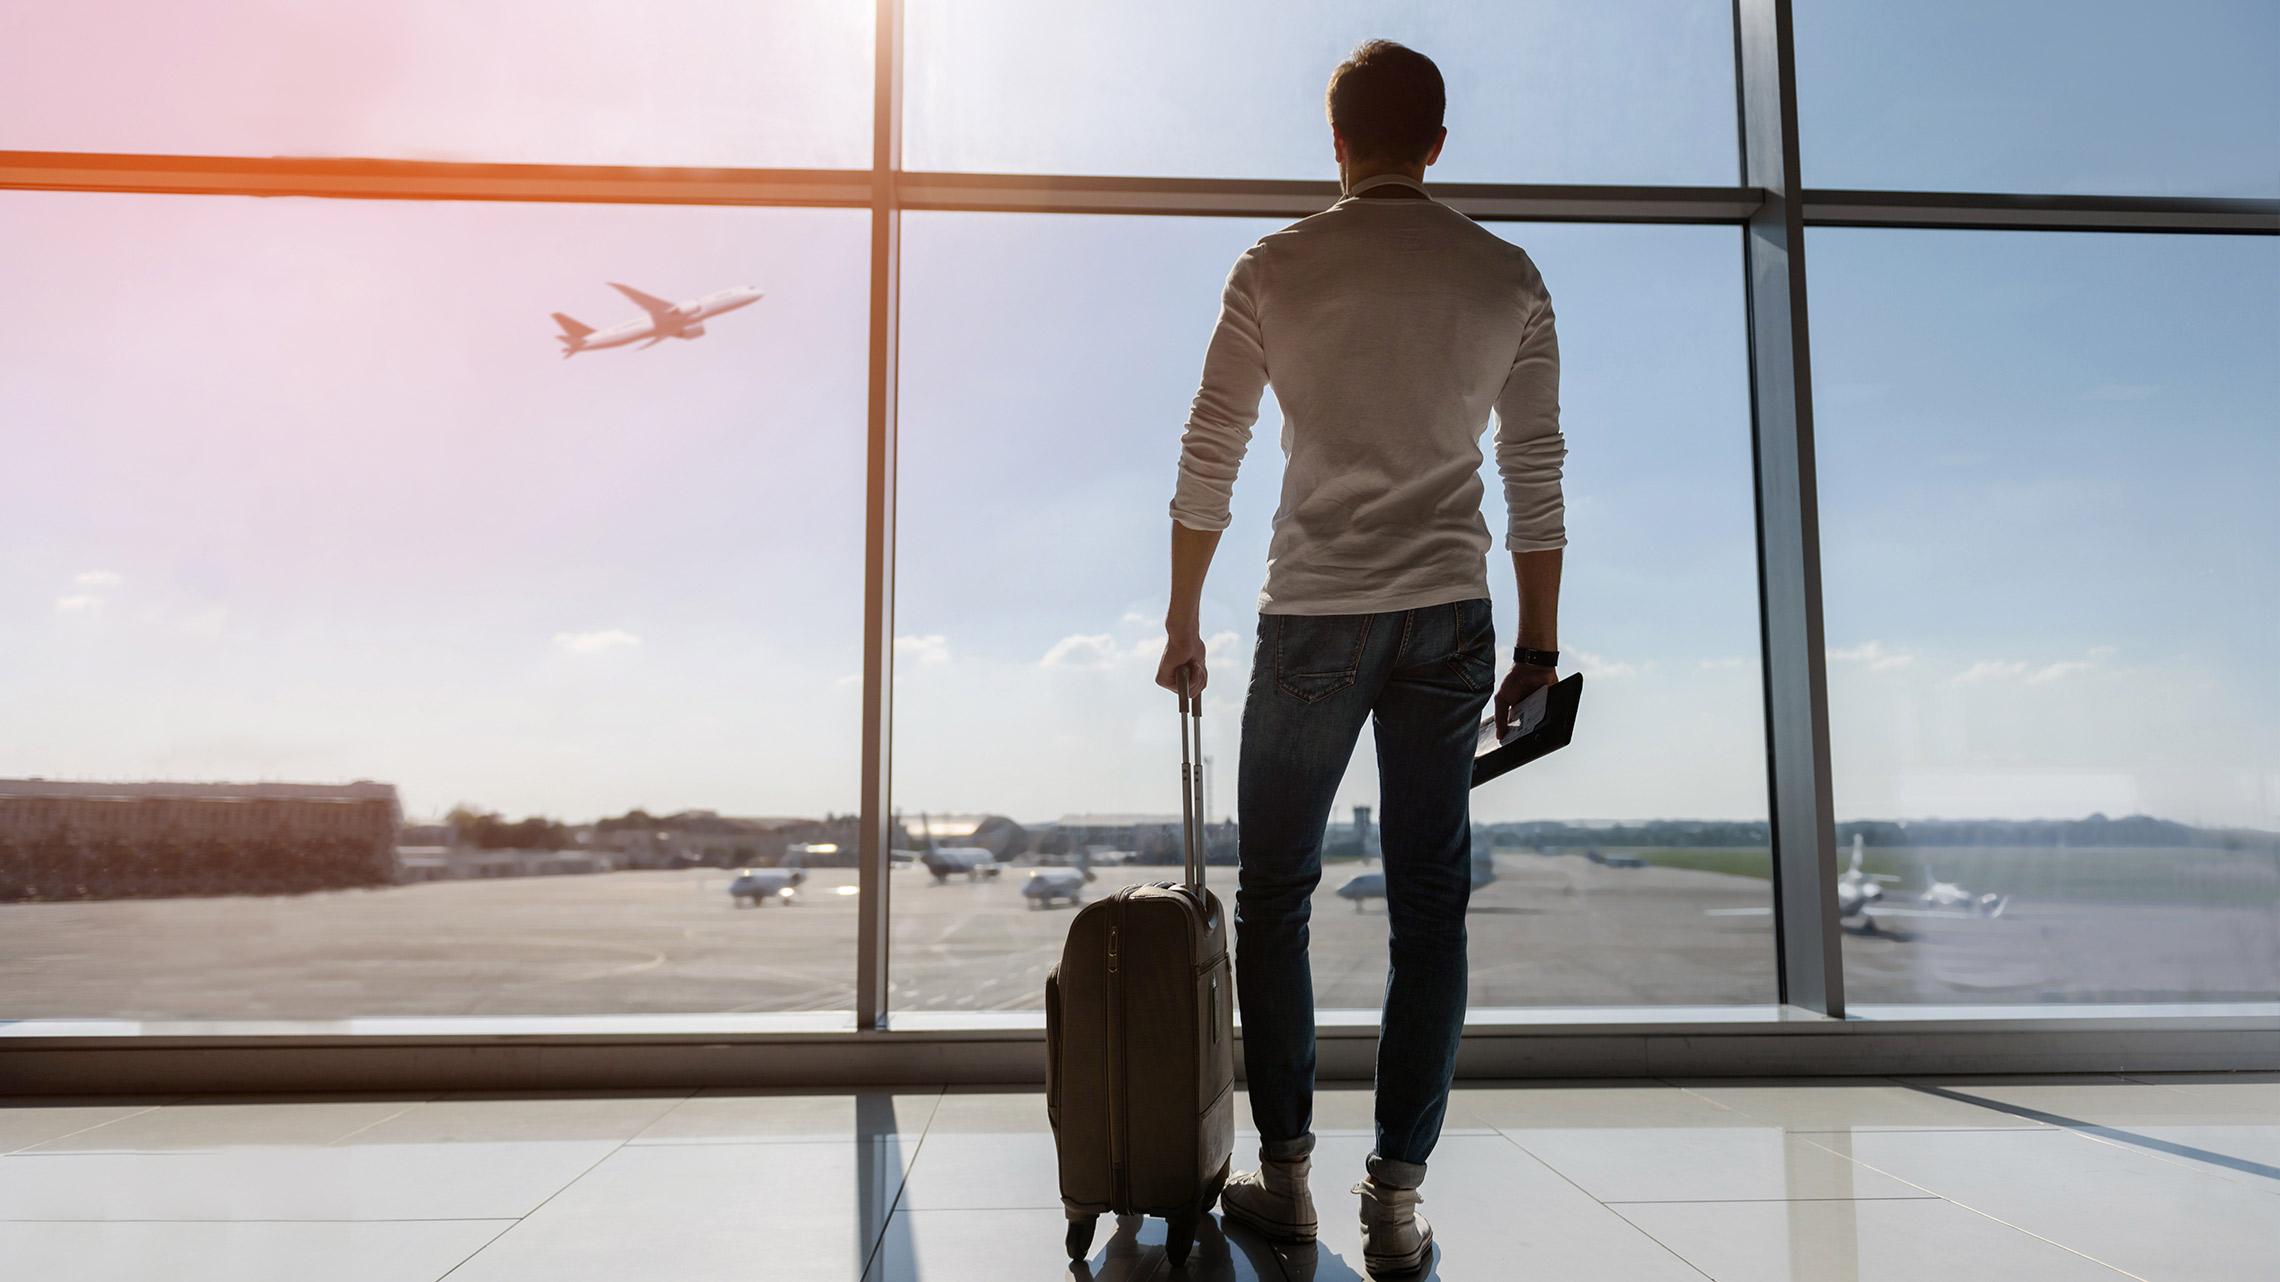 Jovem olha para um avião através da janela do aeroporto